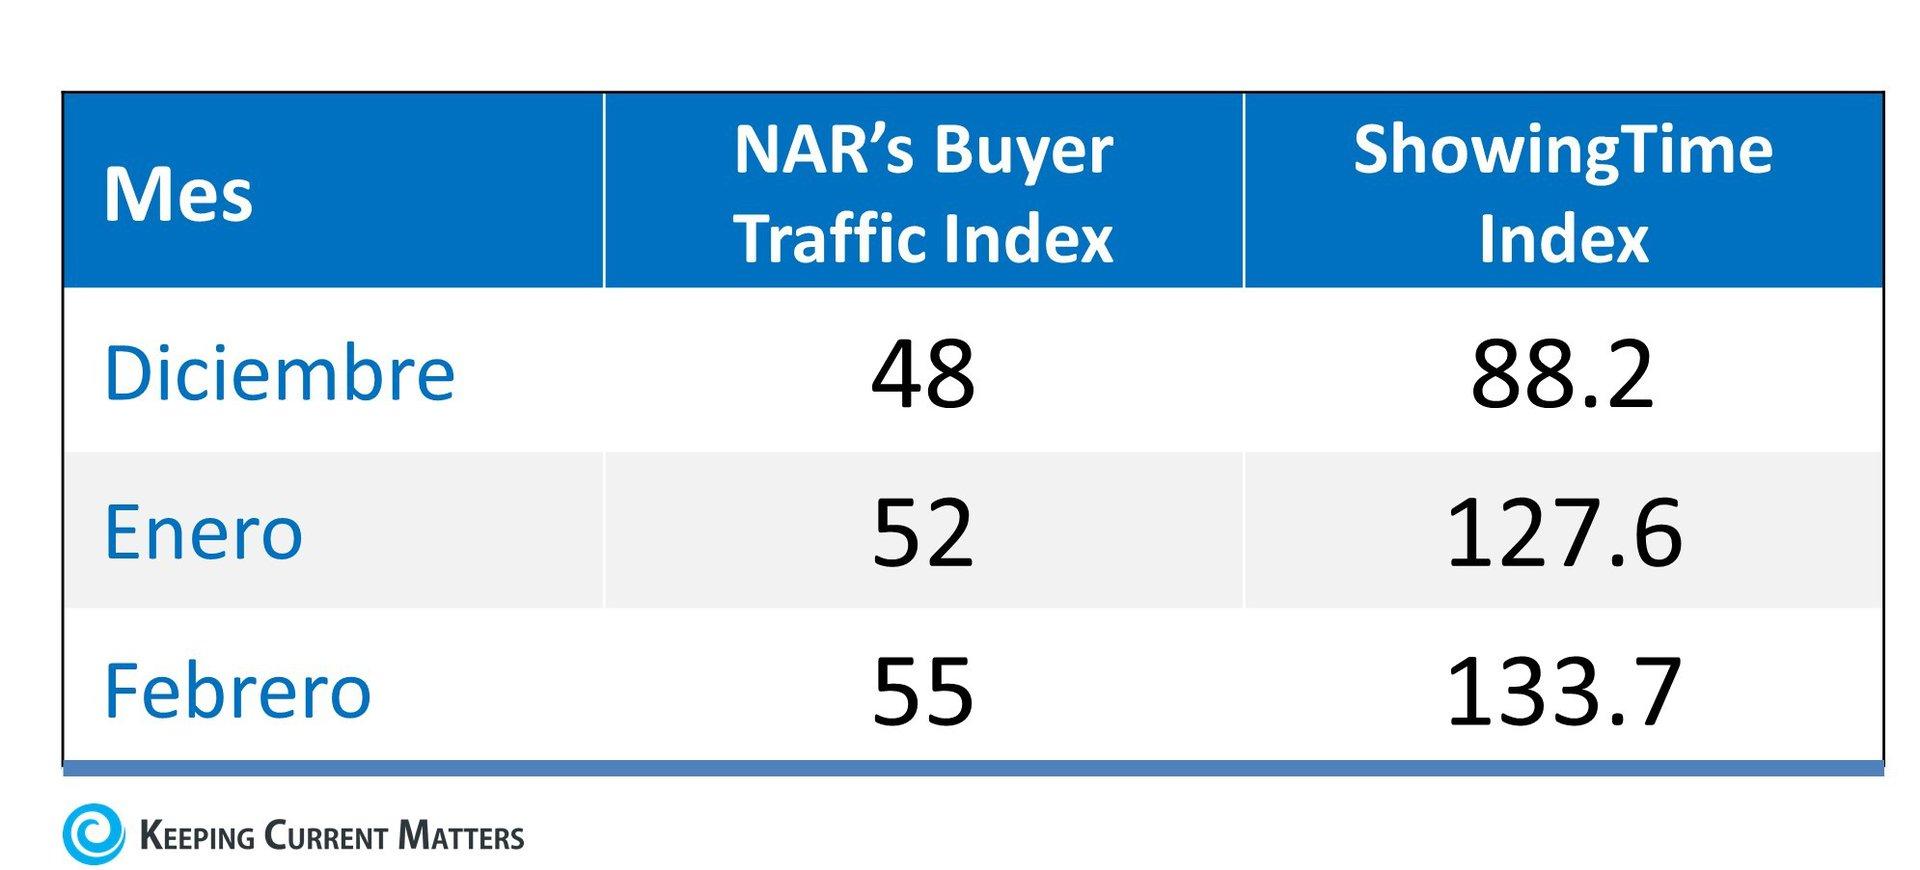 La demanda de los compradores surge a medida que el mercado de la primavera comienza | Keeping Current Matters